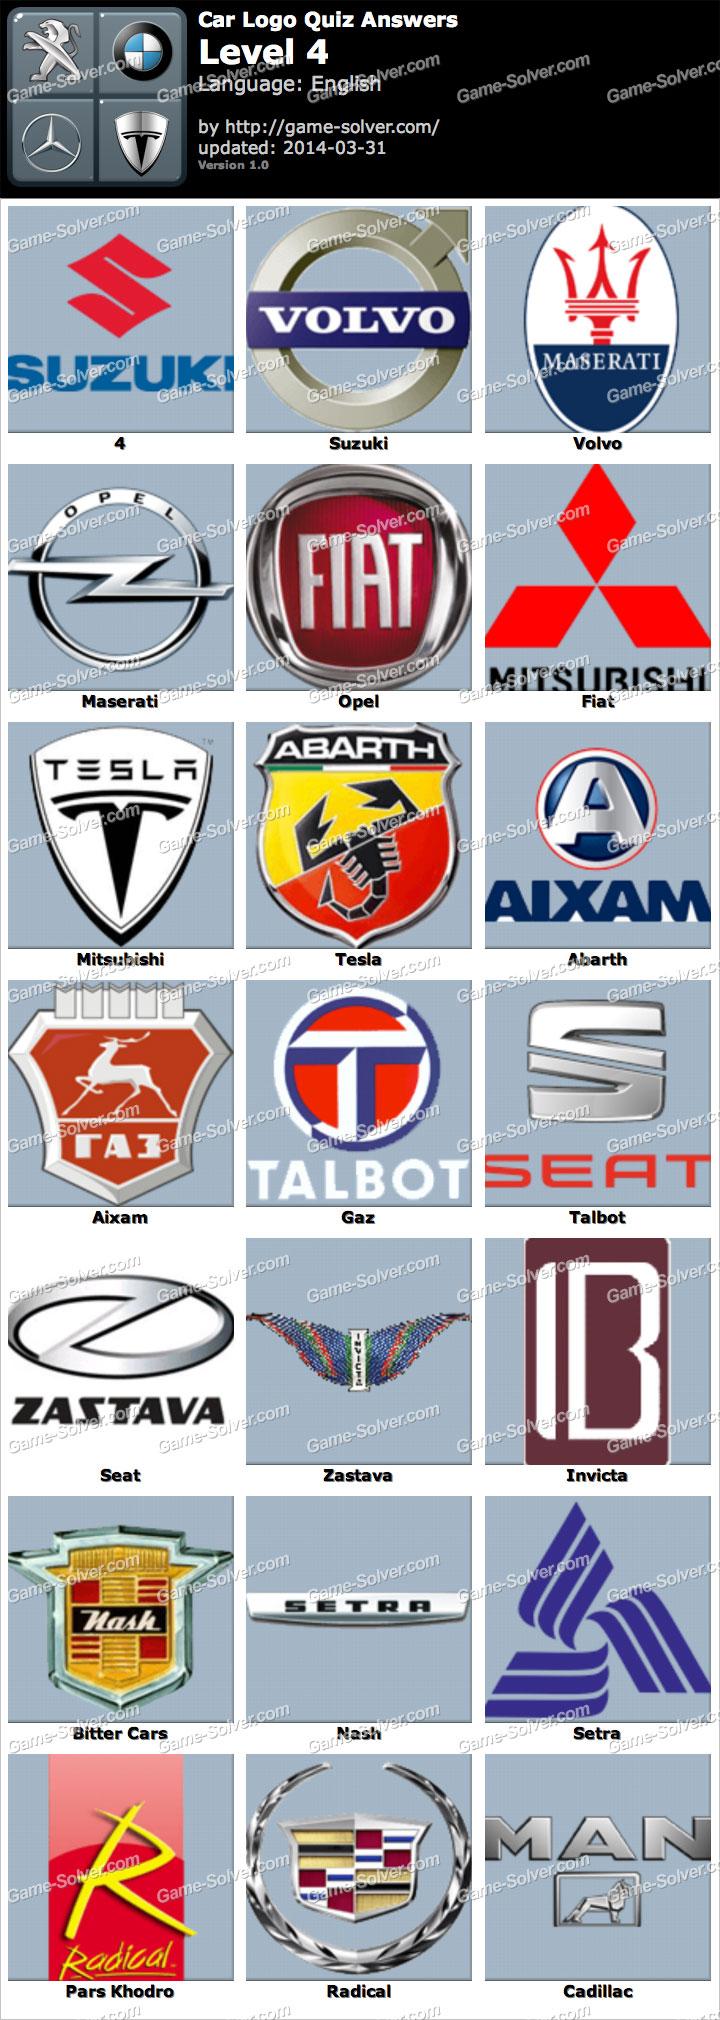 Car Logo Quiz Level 4 - Game Solver